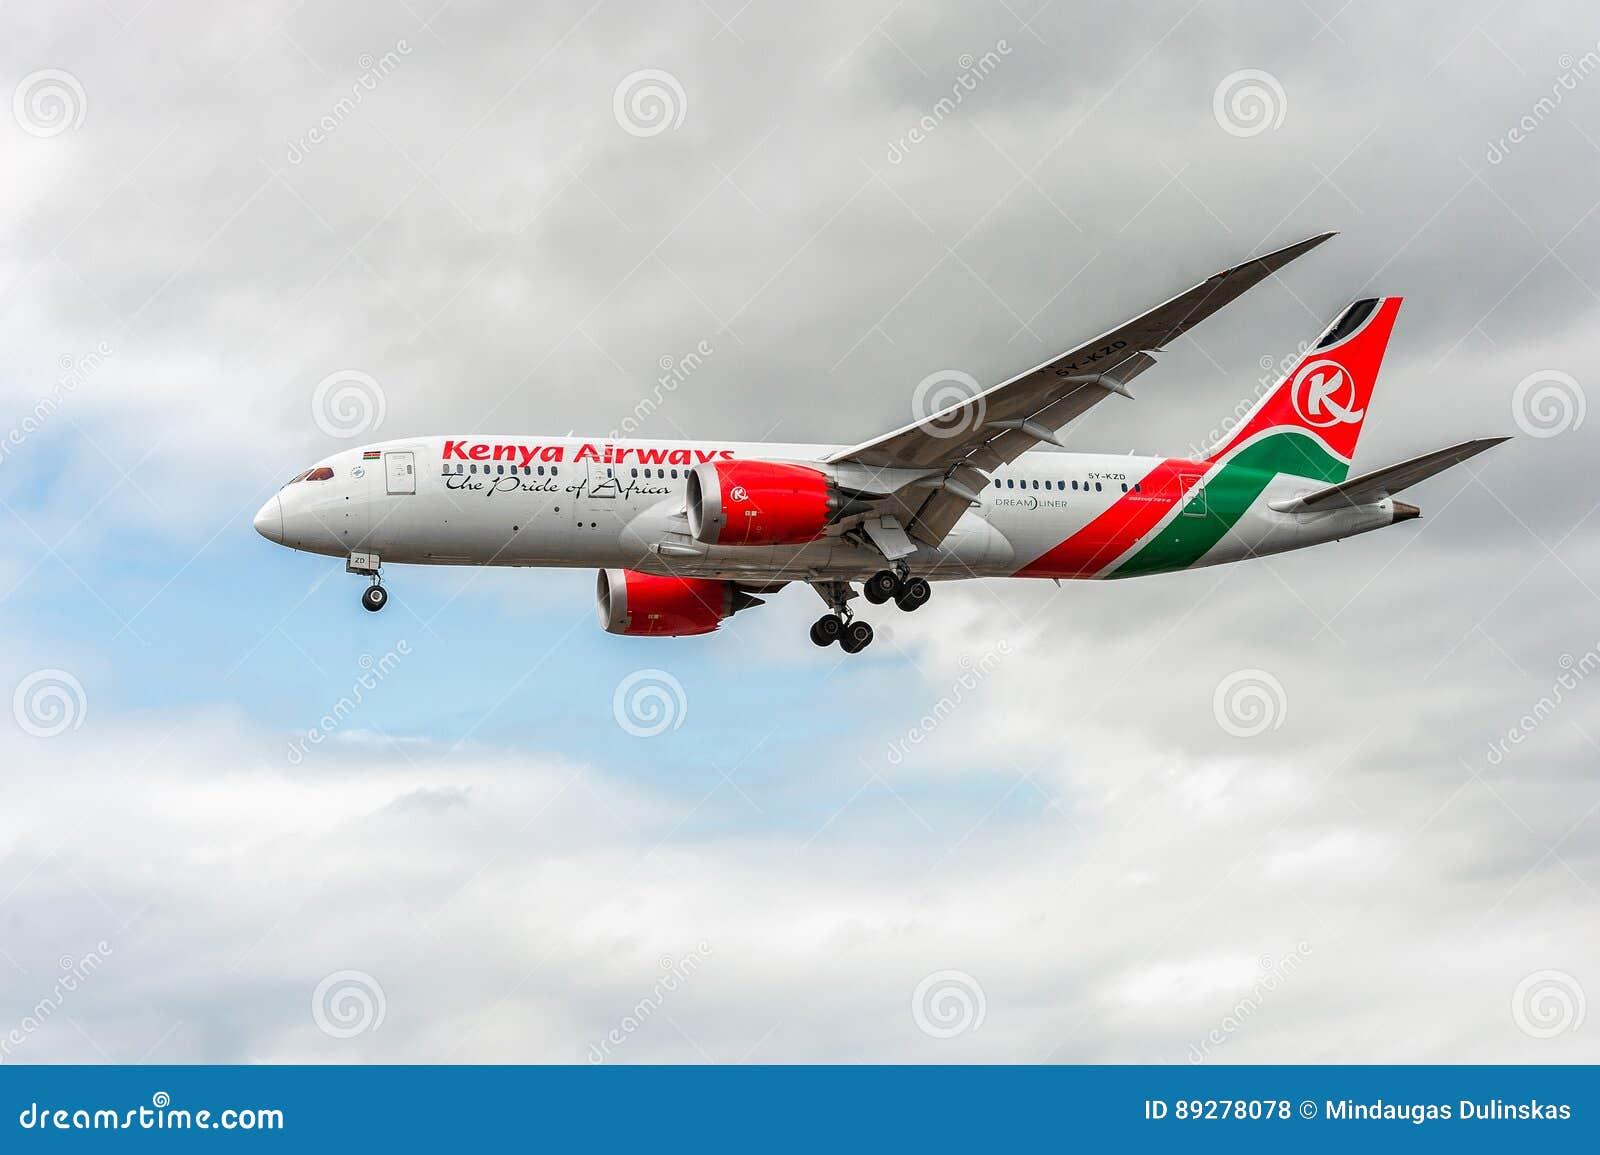 LONDON, ENGLAND - AUGUST 22, 2016: 5Y-KZD Kenya Airways Boeing 787-8 Dreamliner Landing in Heathrow Airport, London.